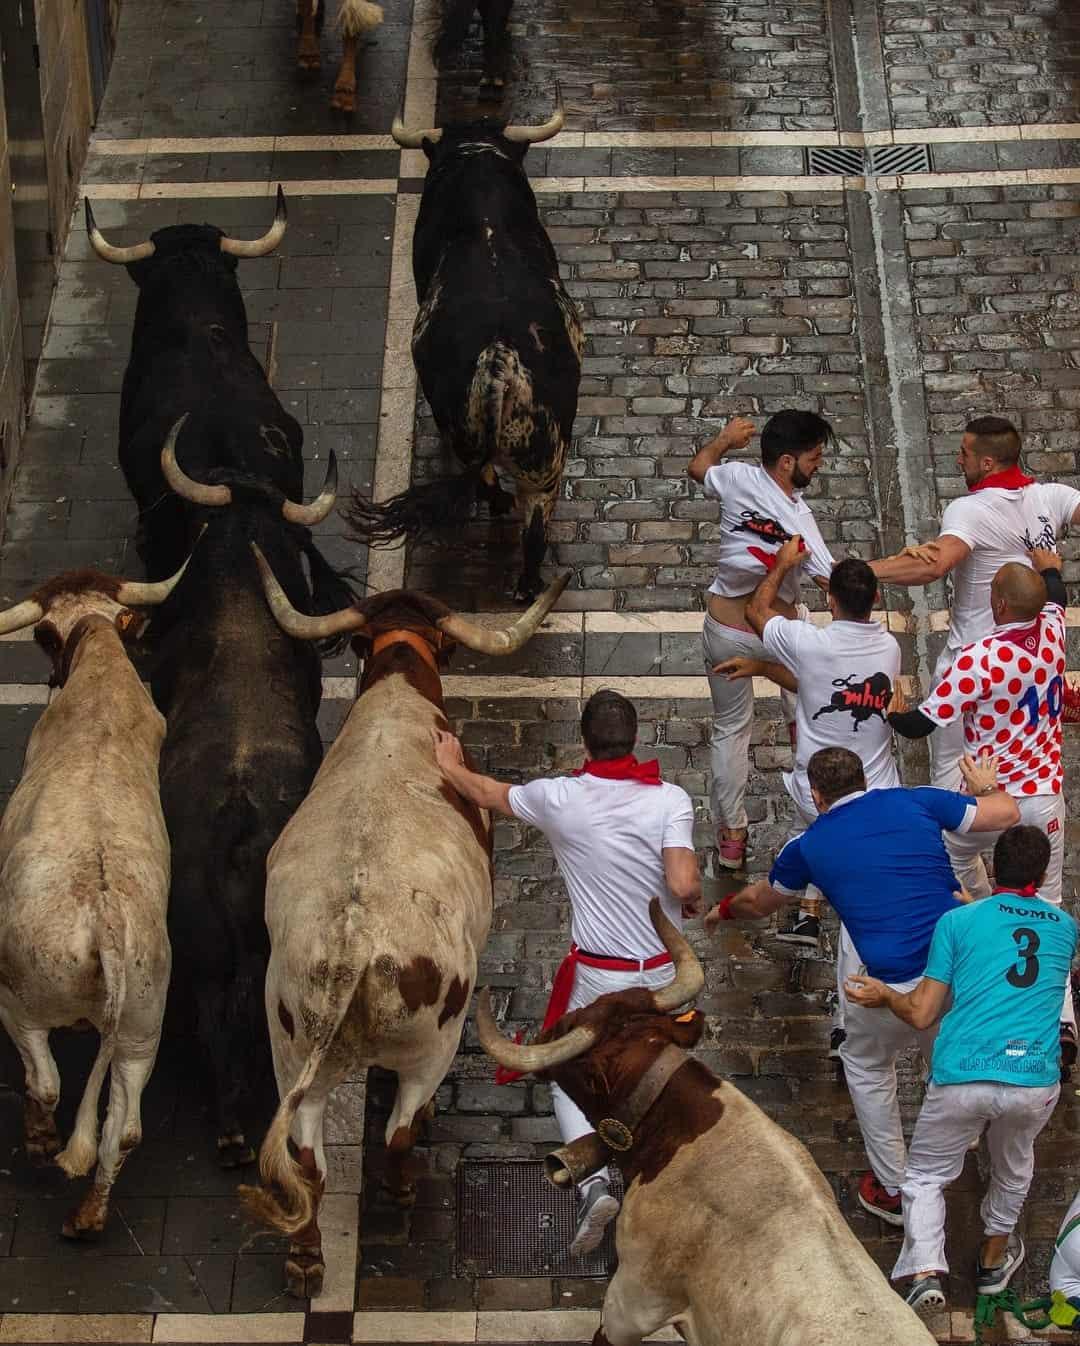 Spain Running of the Bulls festival 2018